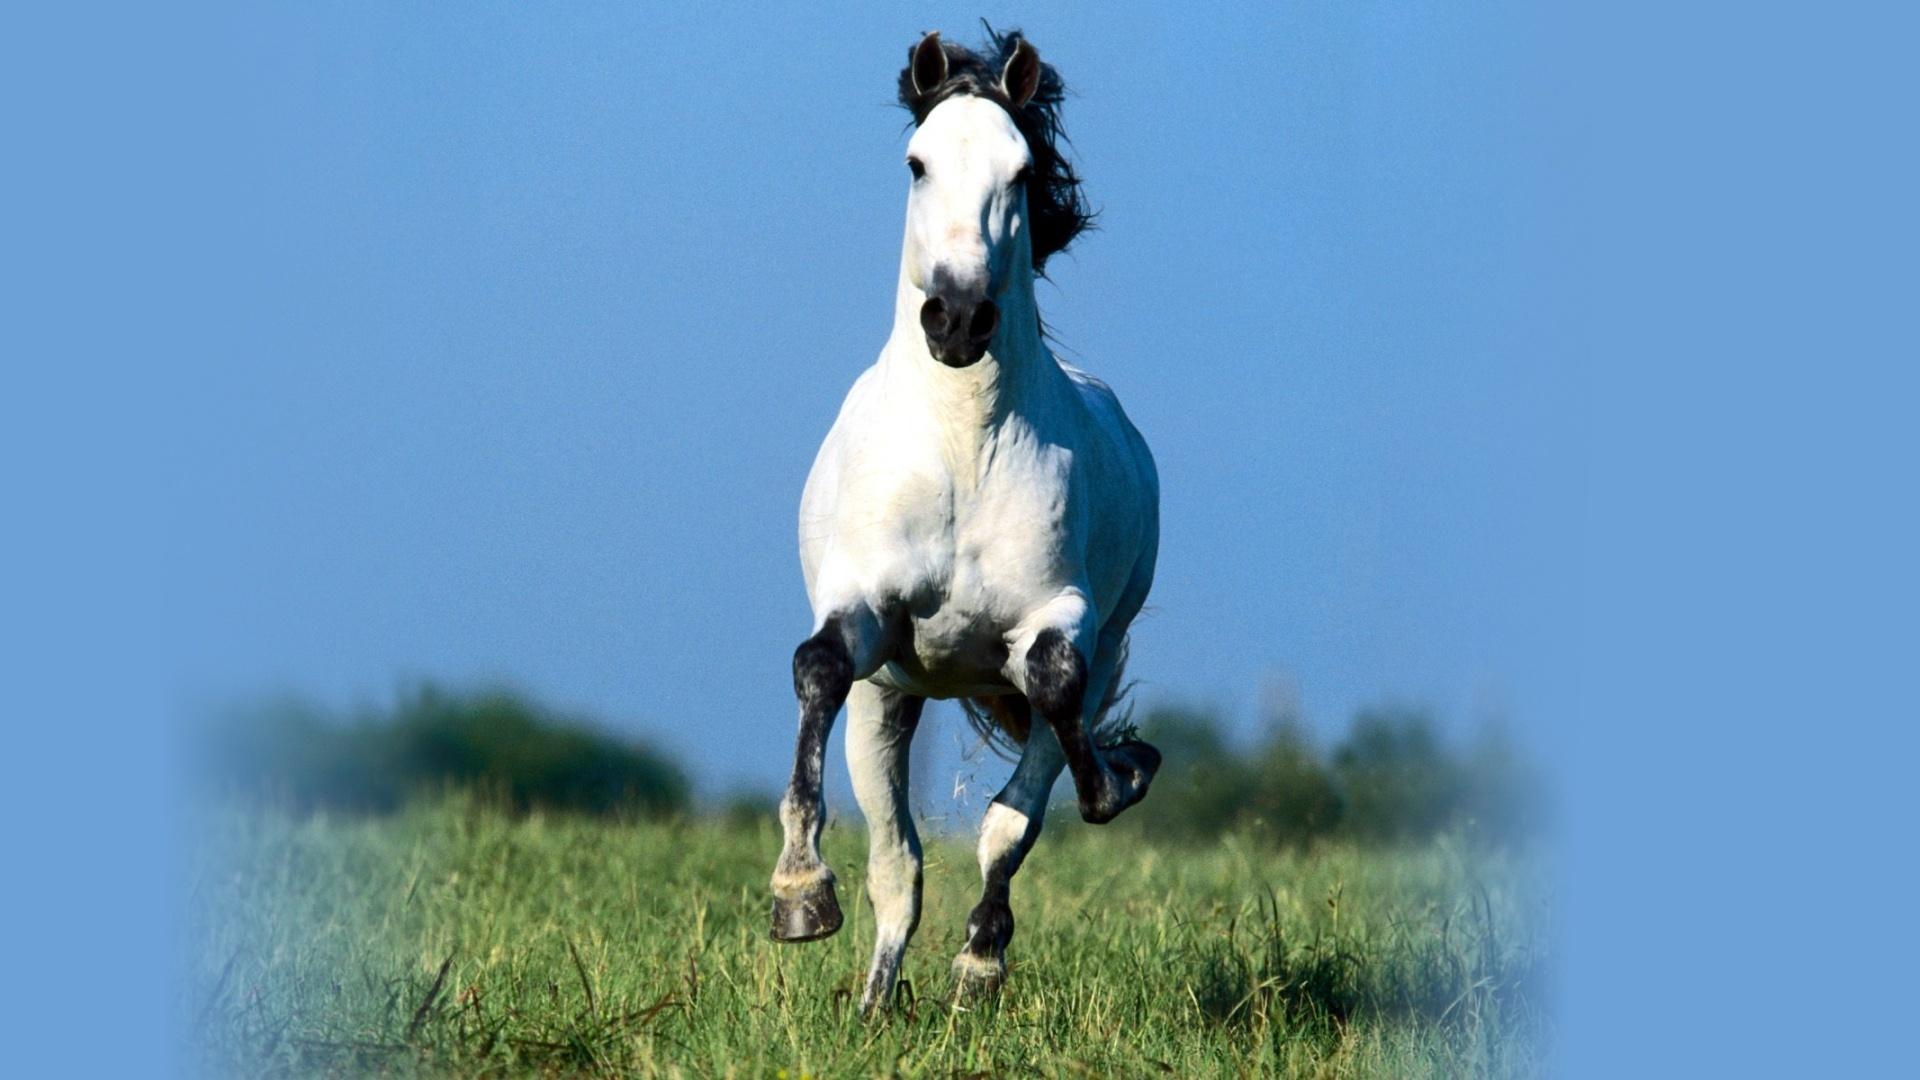 Обои анимация небо белый конь на рабочий стол картинки с